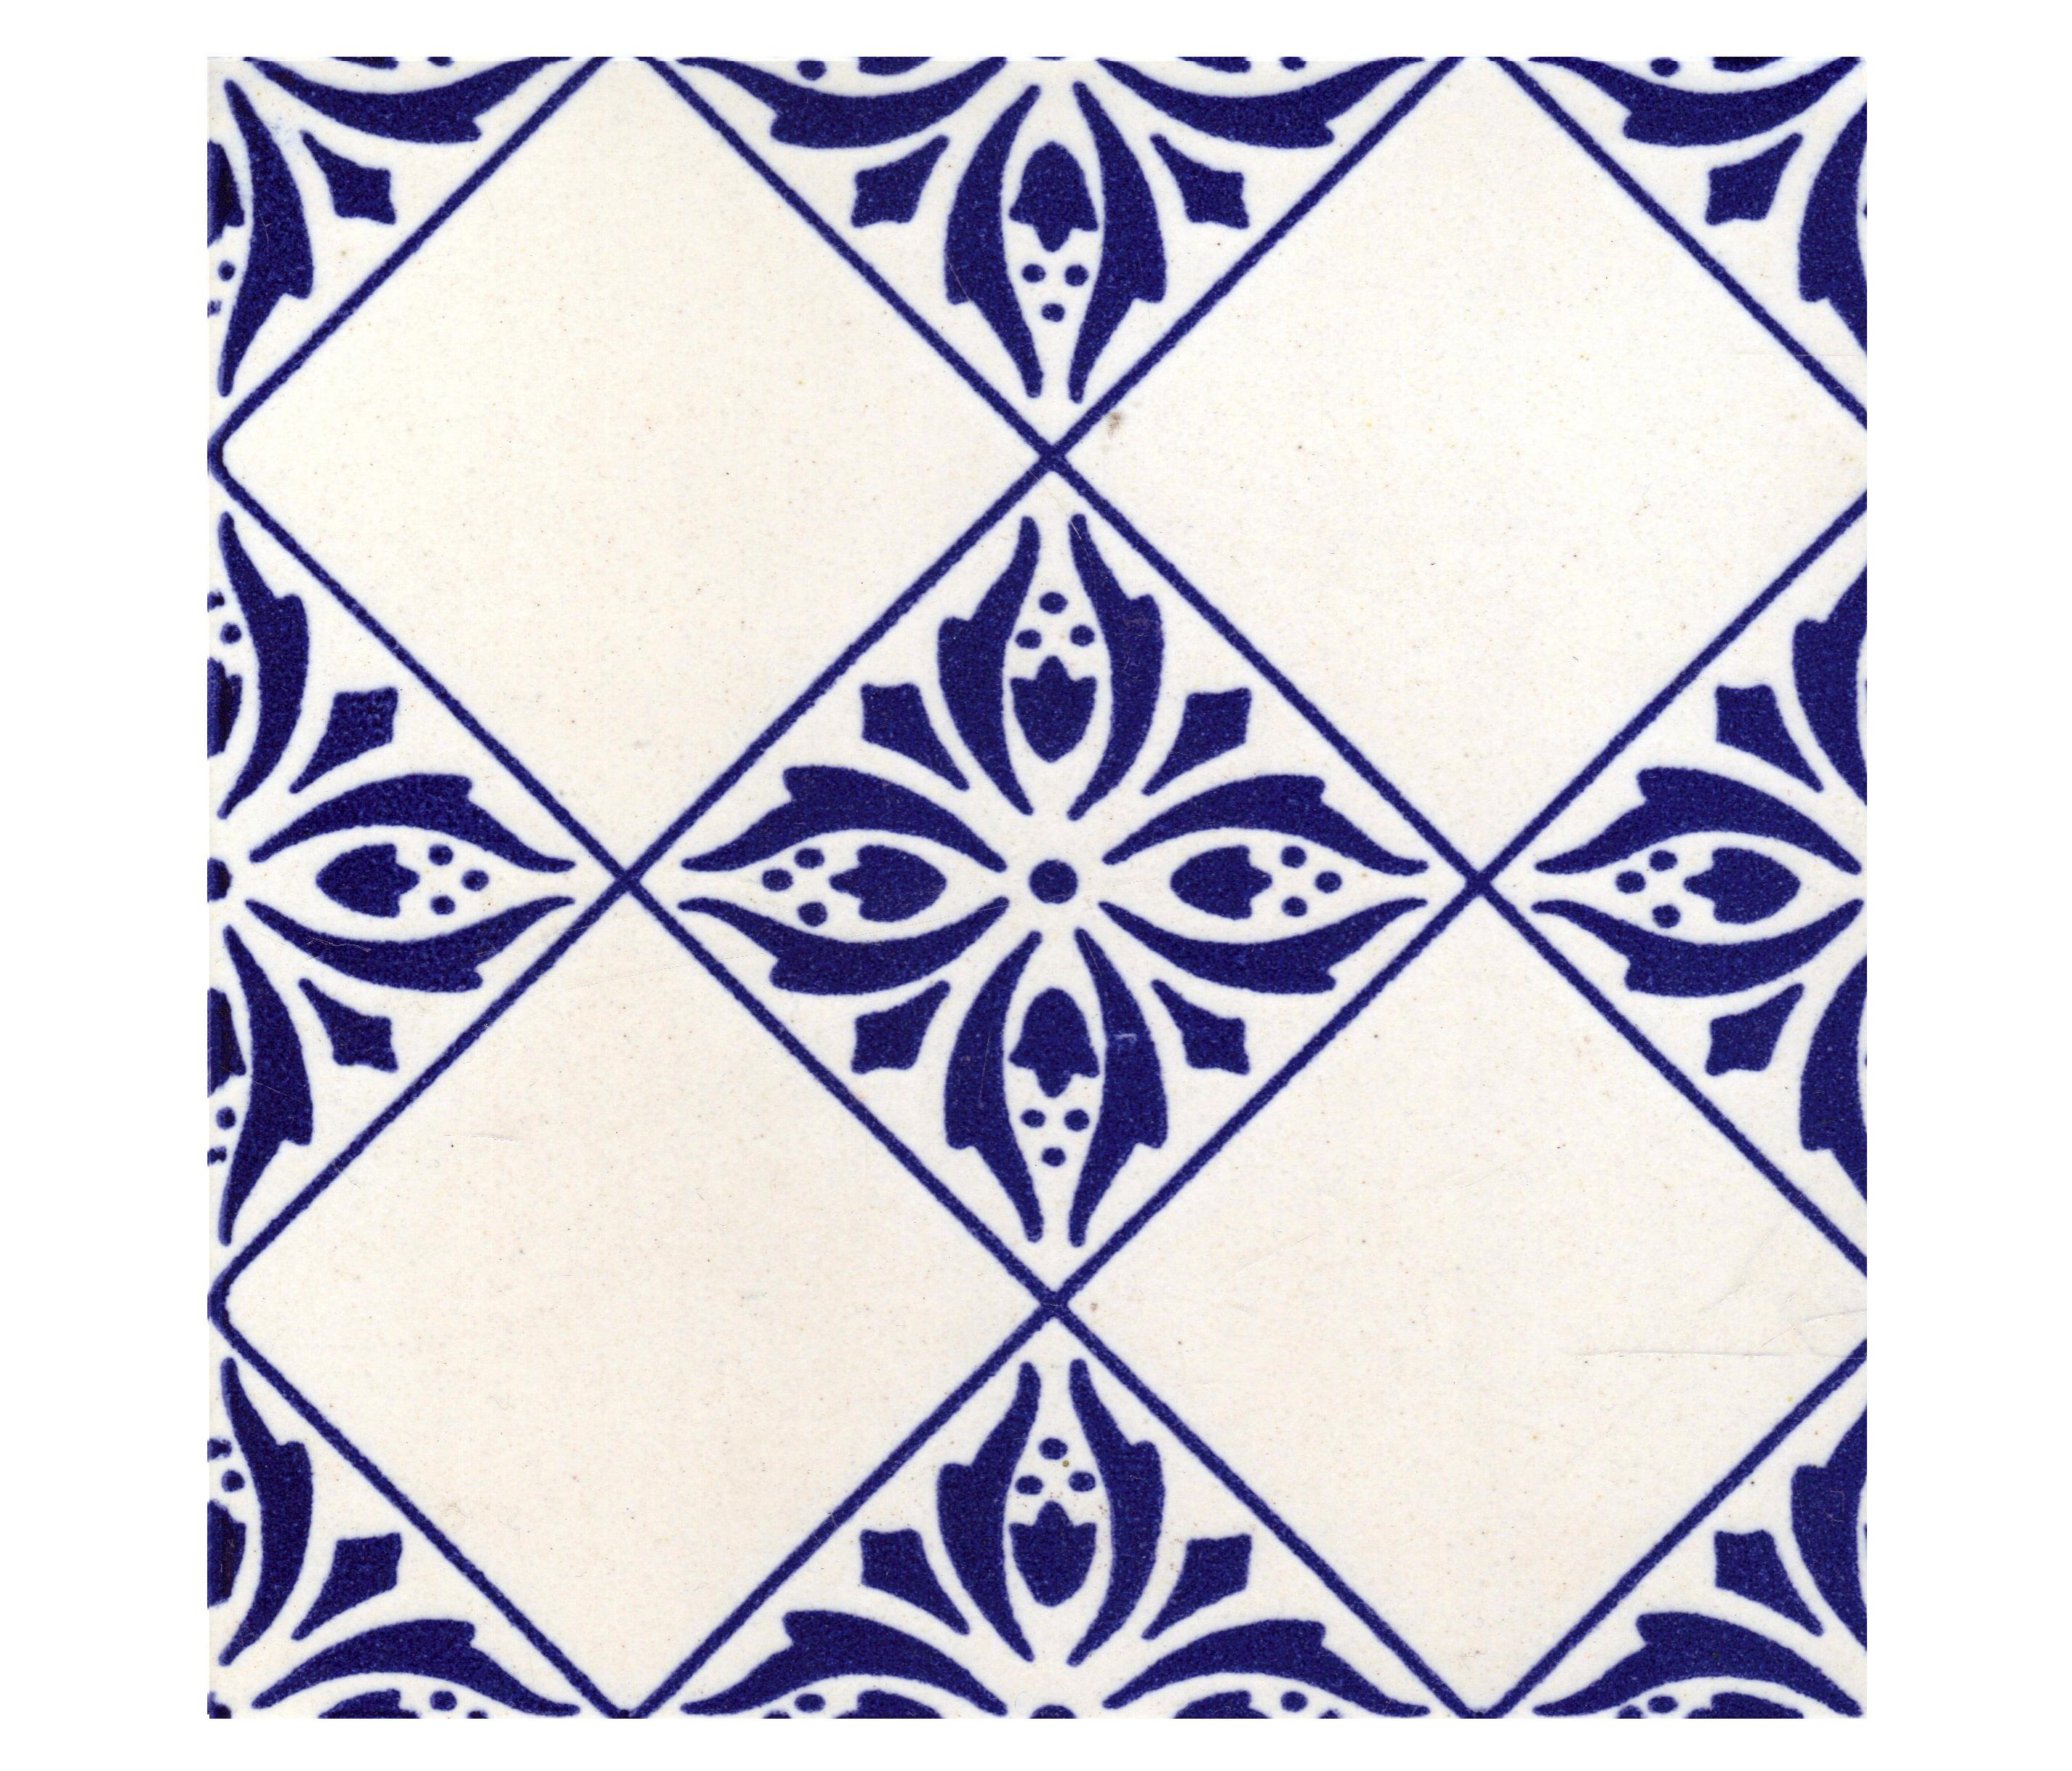 Capri piastrelle mattonelle per pavimenti la riggiola architonic - La riggiola piastrelle ...